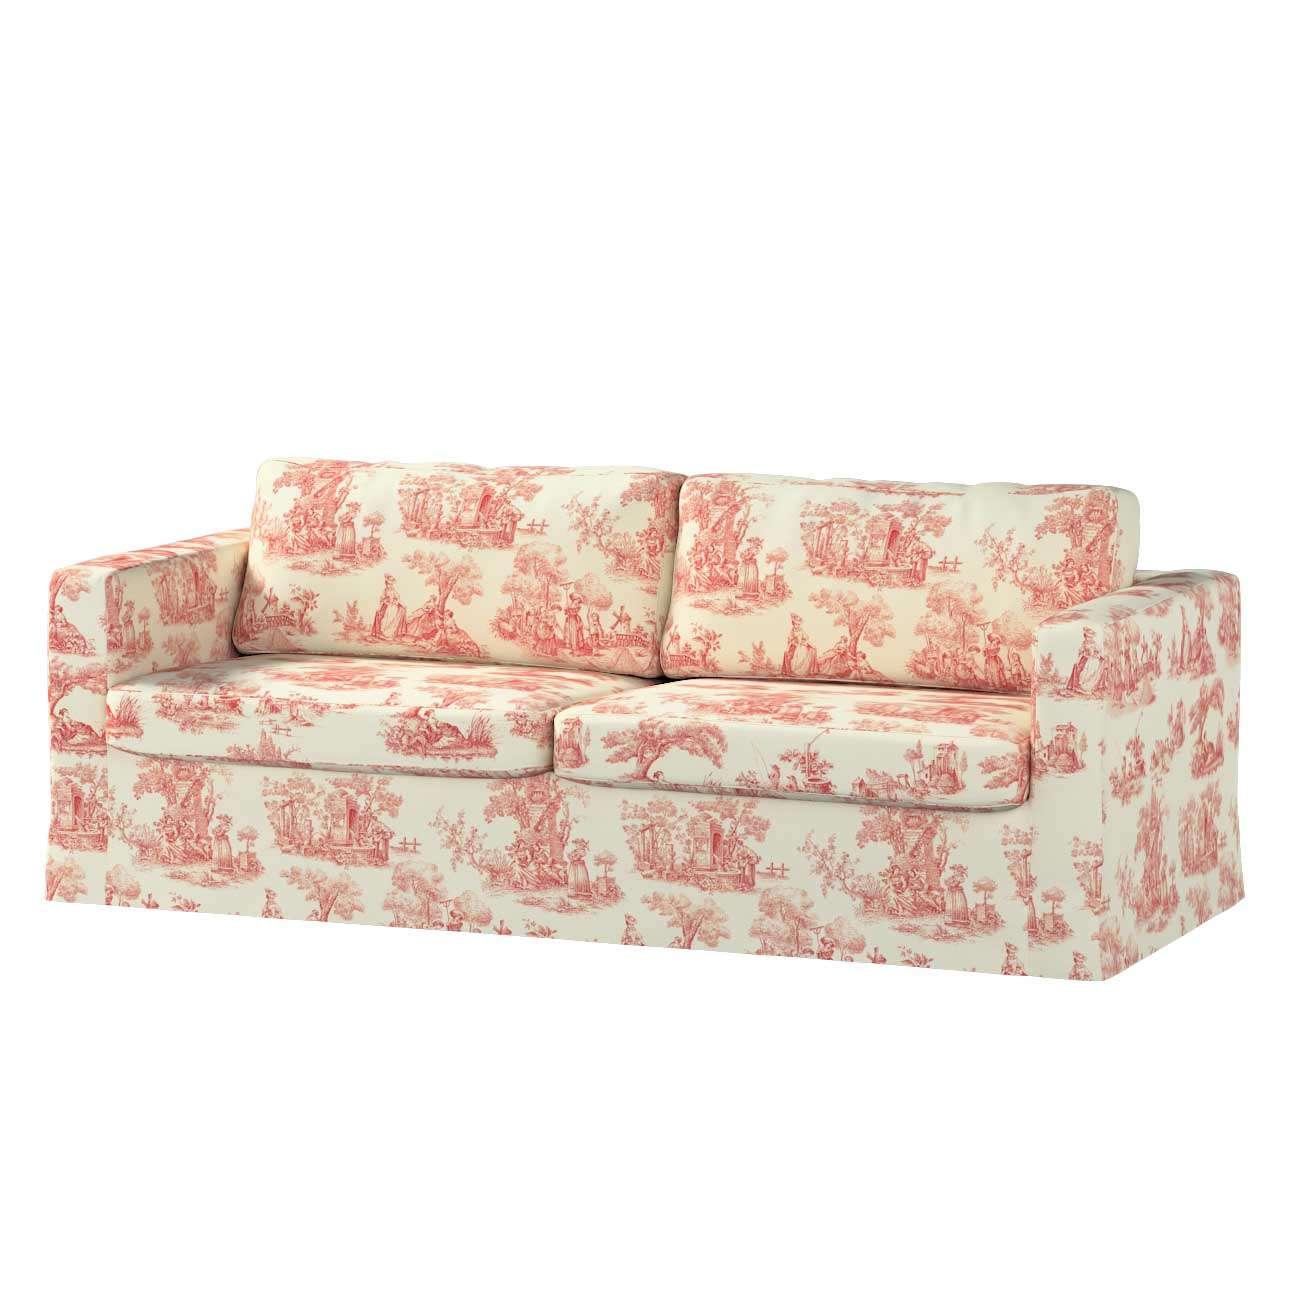 Pokrowiec na sofę Karlstad 3-osobową nierozkładaną, długi Sofa Karlstad 3-osobowa w kolekcji Avinon, tkanina: 132-15